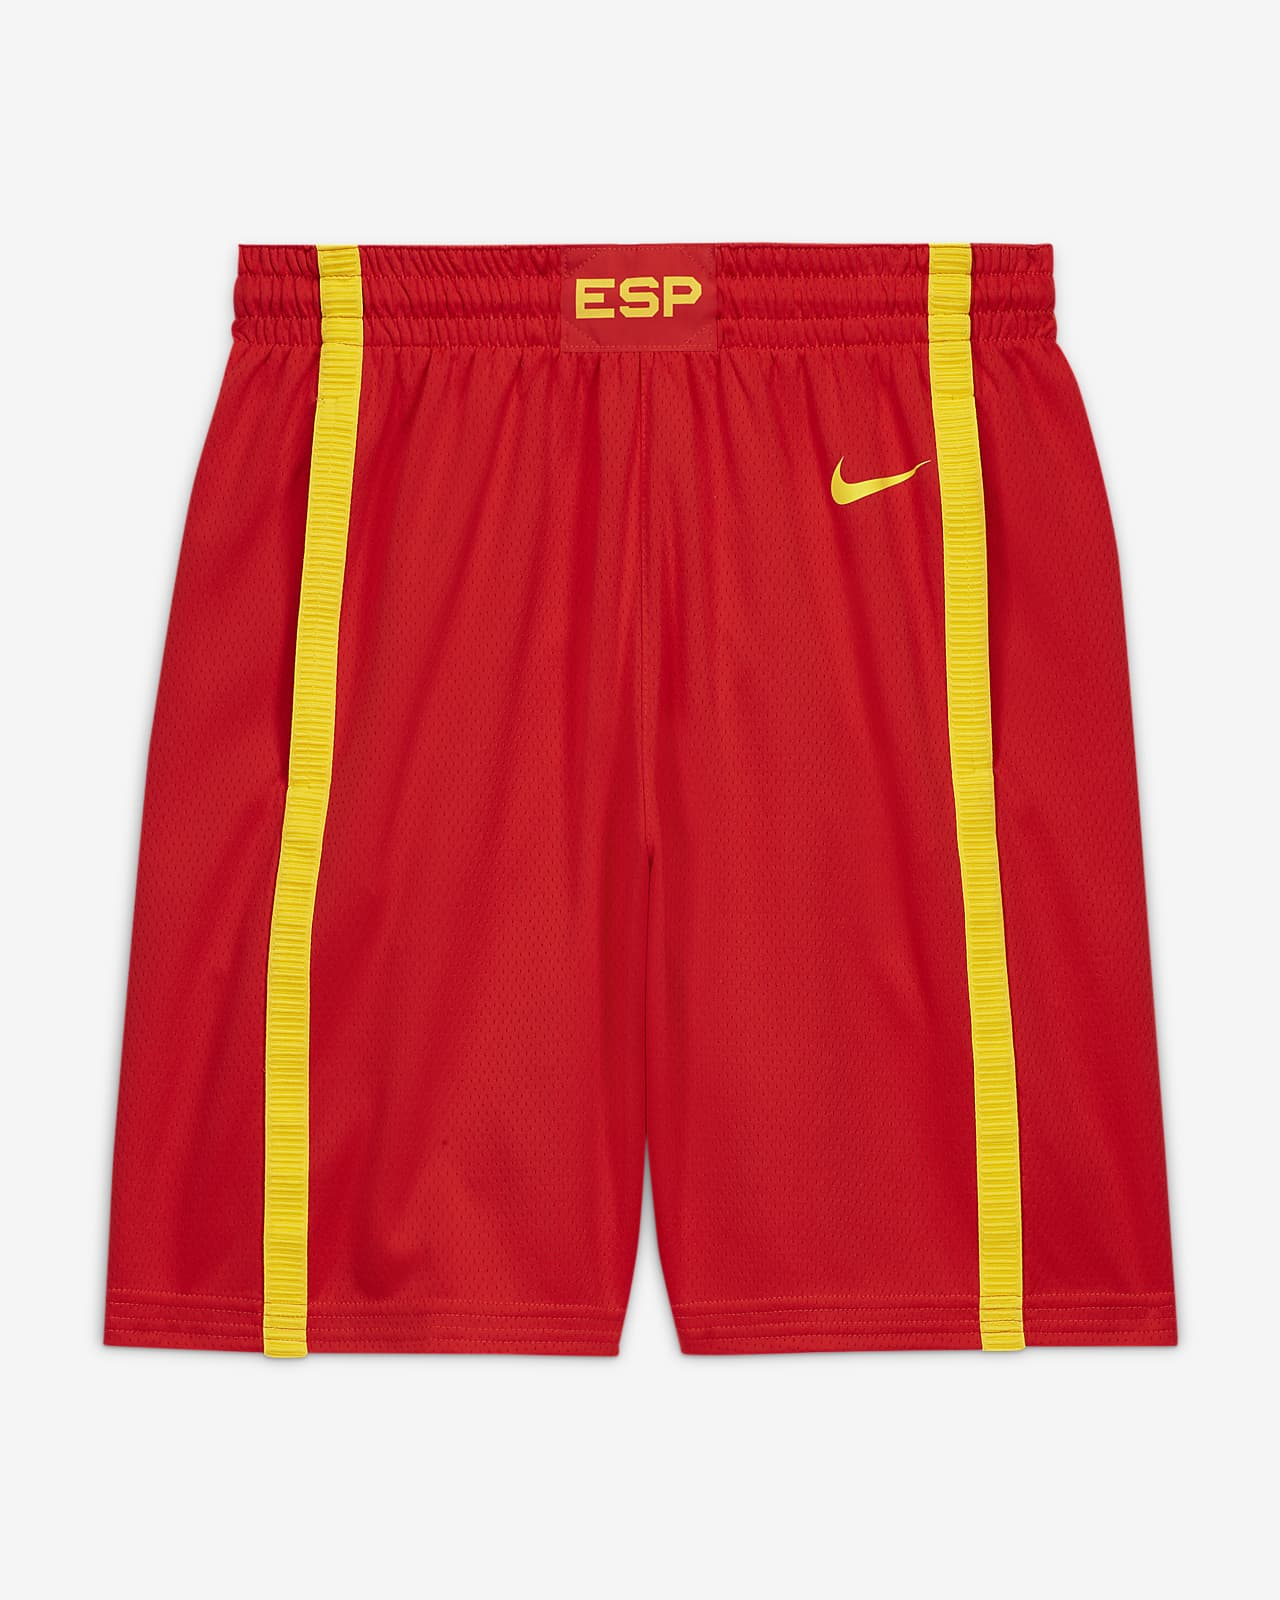 Spain Nike (Road) Limited basketshorts til herre